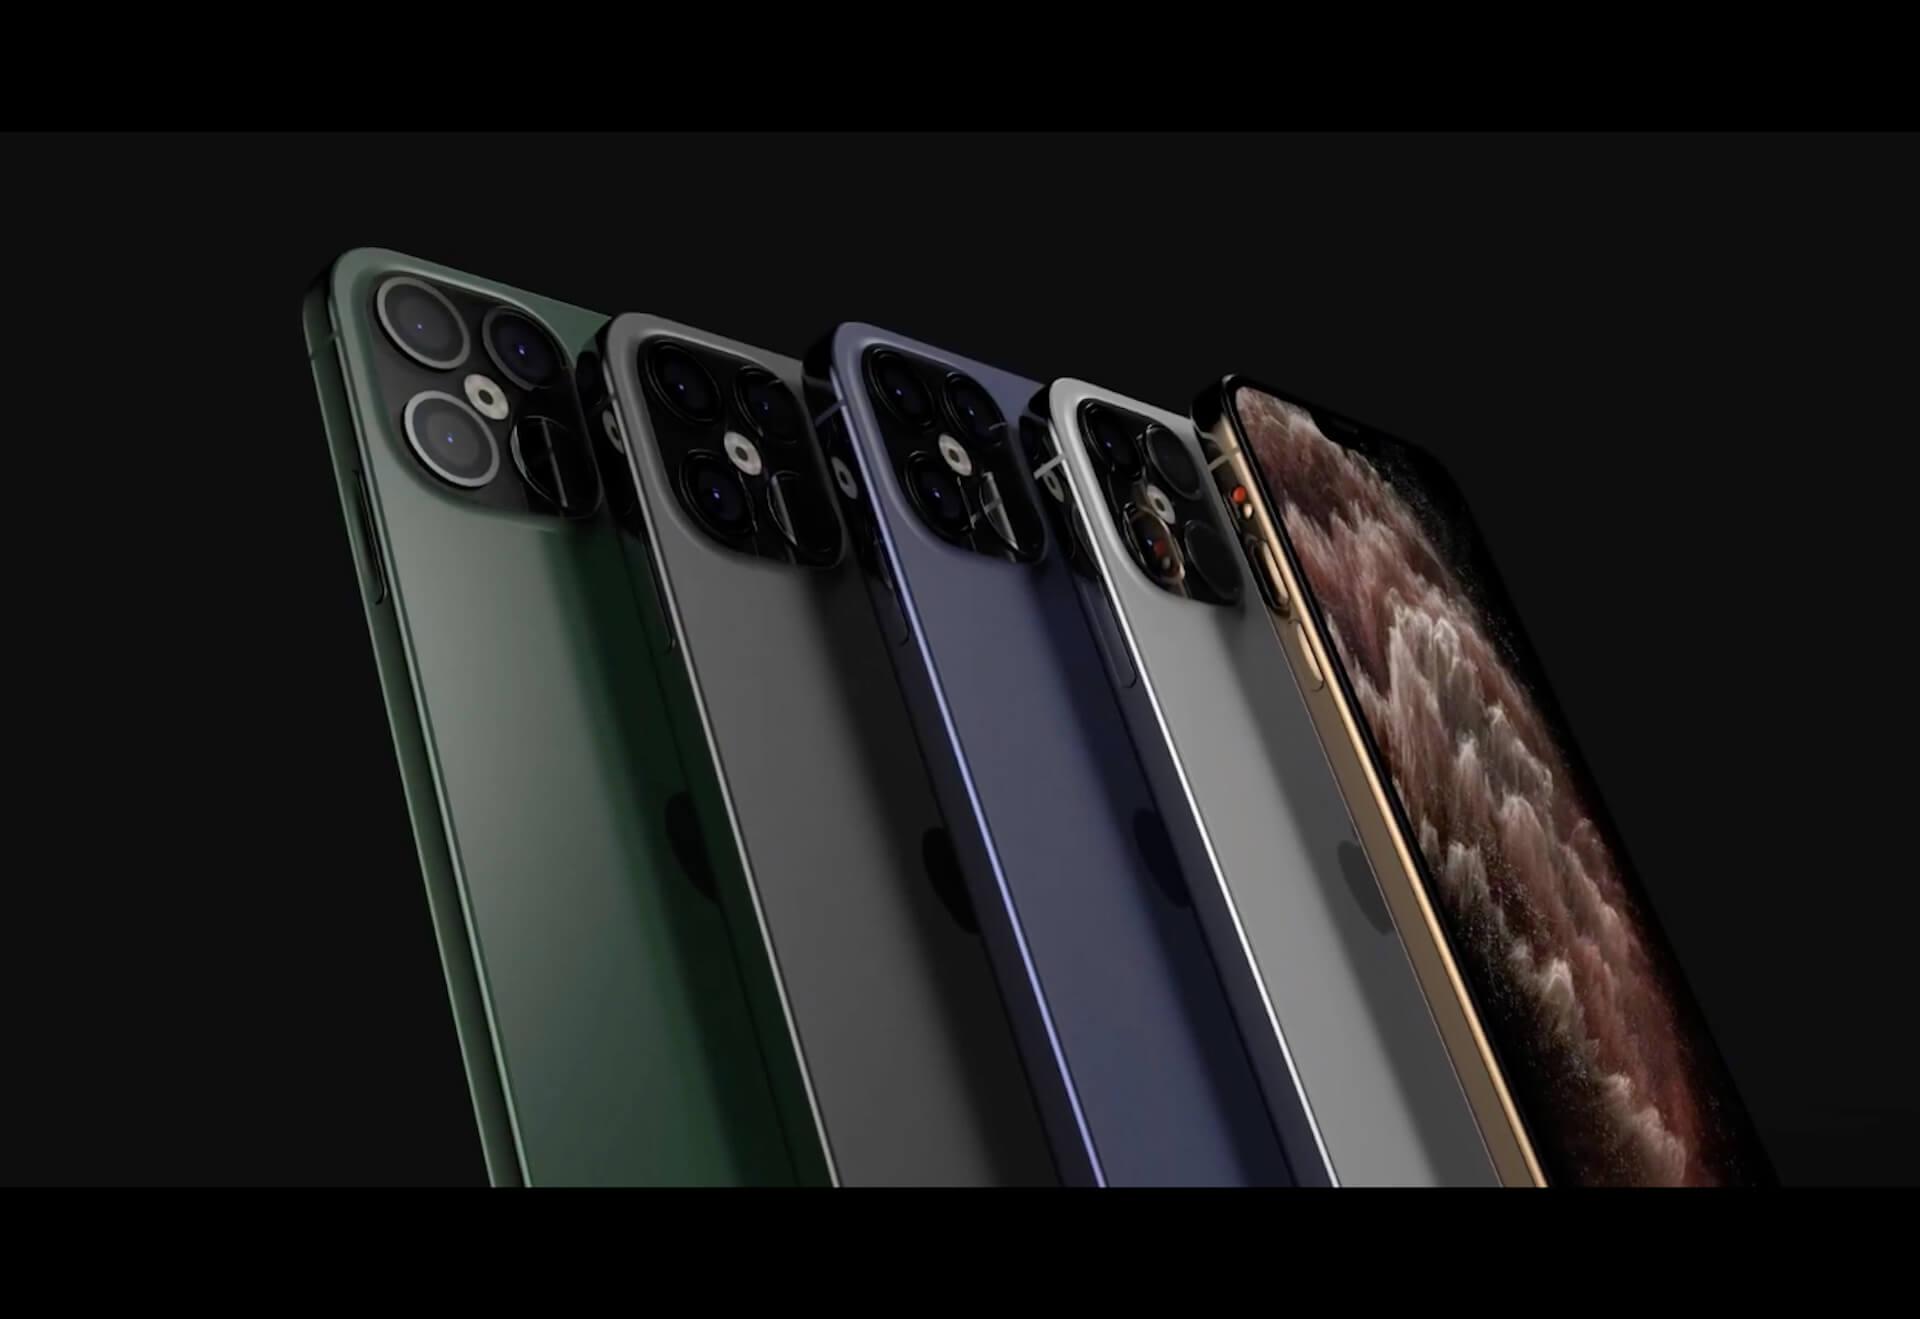 iPhone 12 Proはやはりトリプルレンズ+LiDARスキャナ搭載?iOS 14からリーク tech200407_iphone12_1